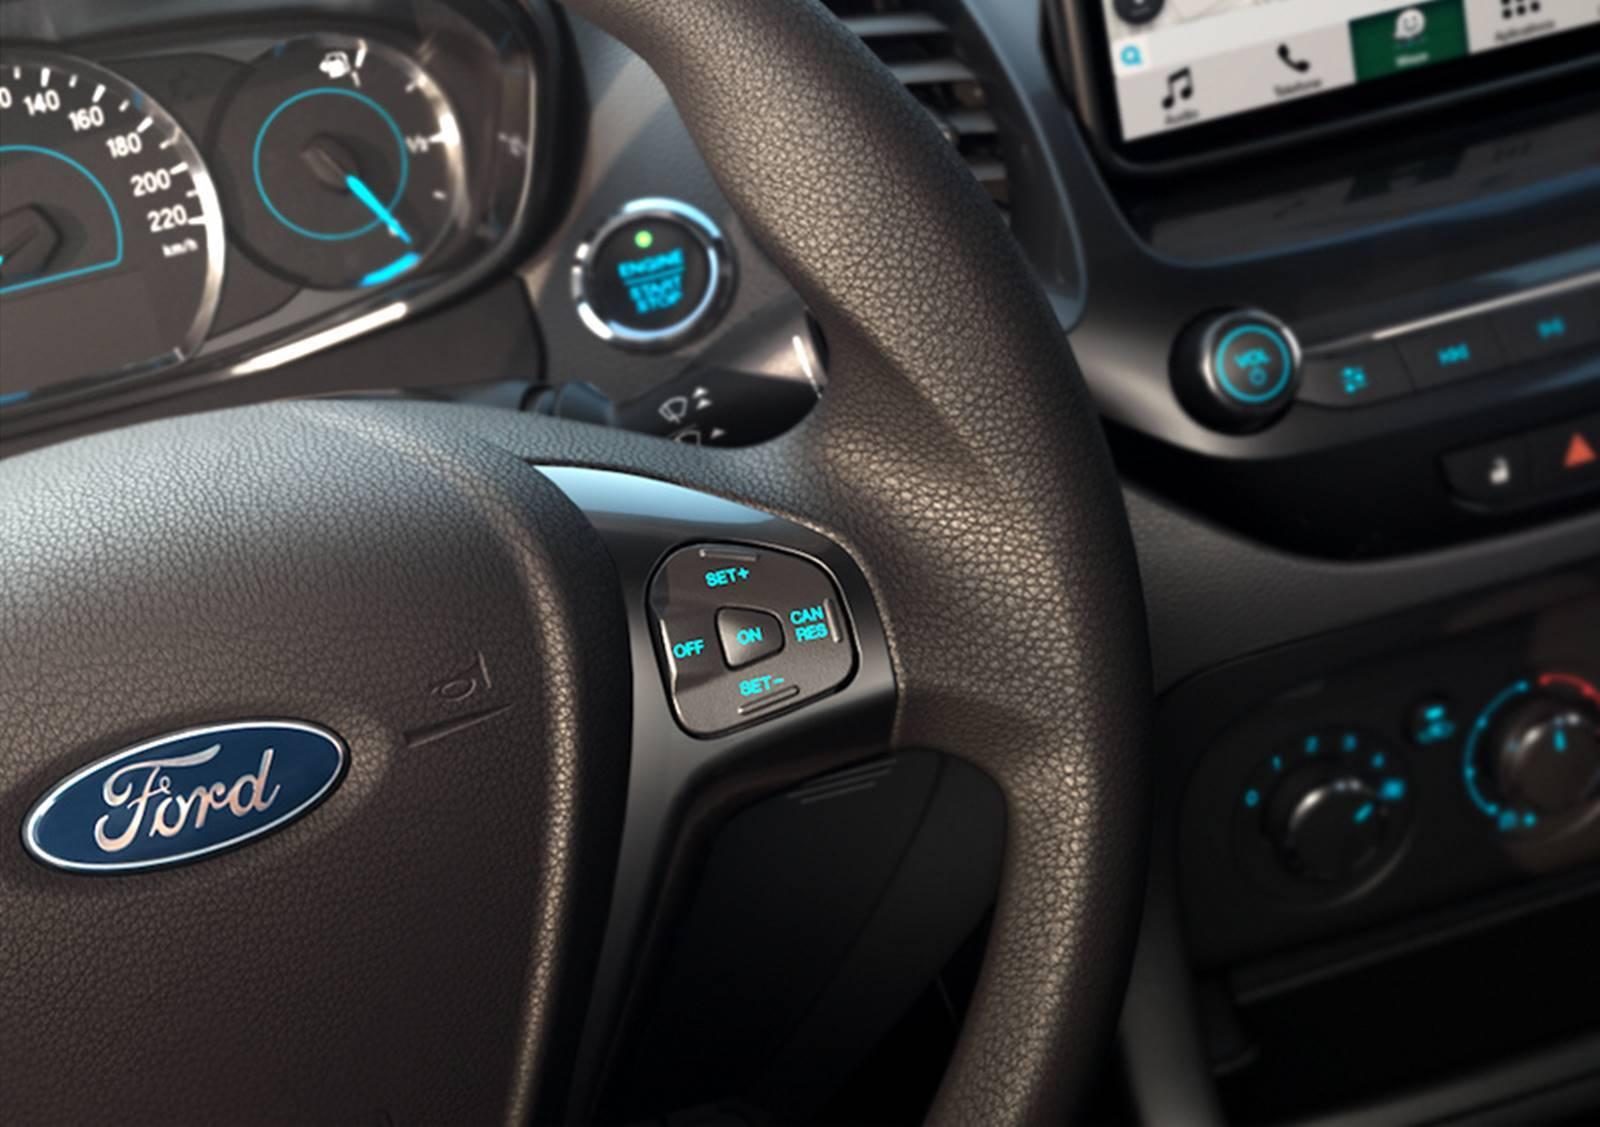 Ford Ka 2019. Foto: Divulgação